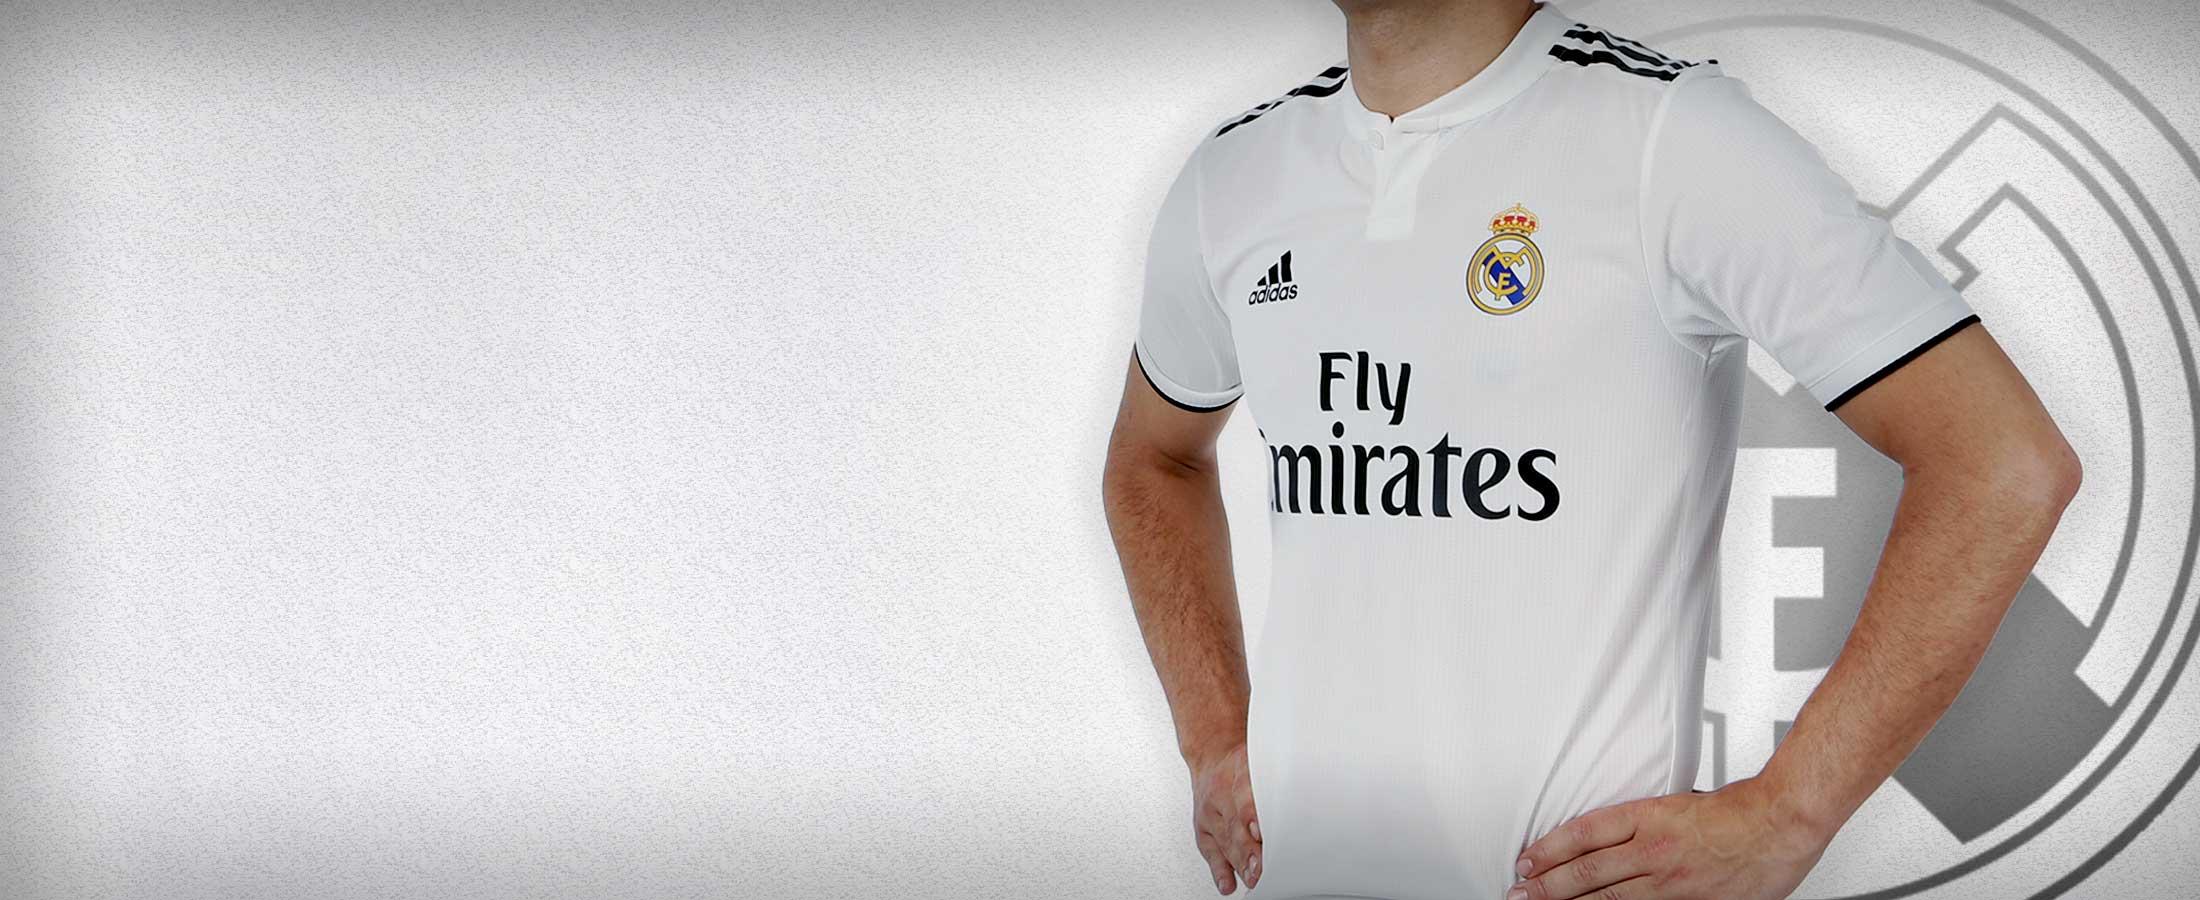 Primera equipación oficial del Real Madrid